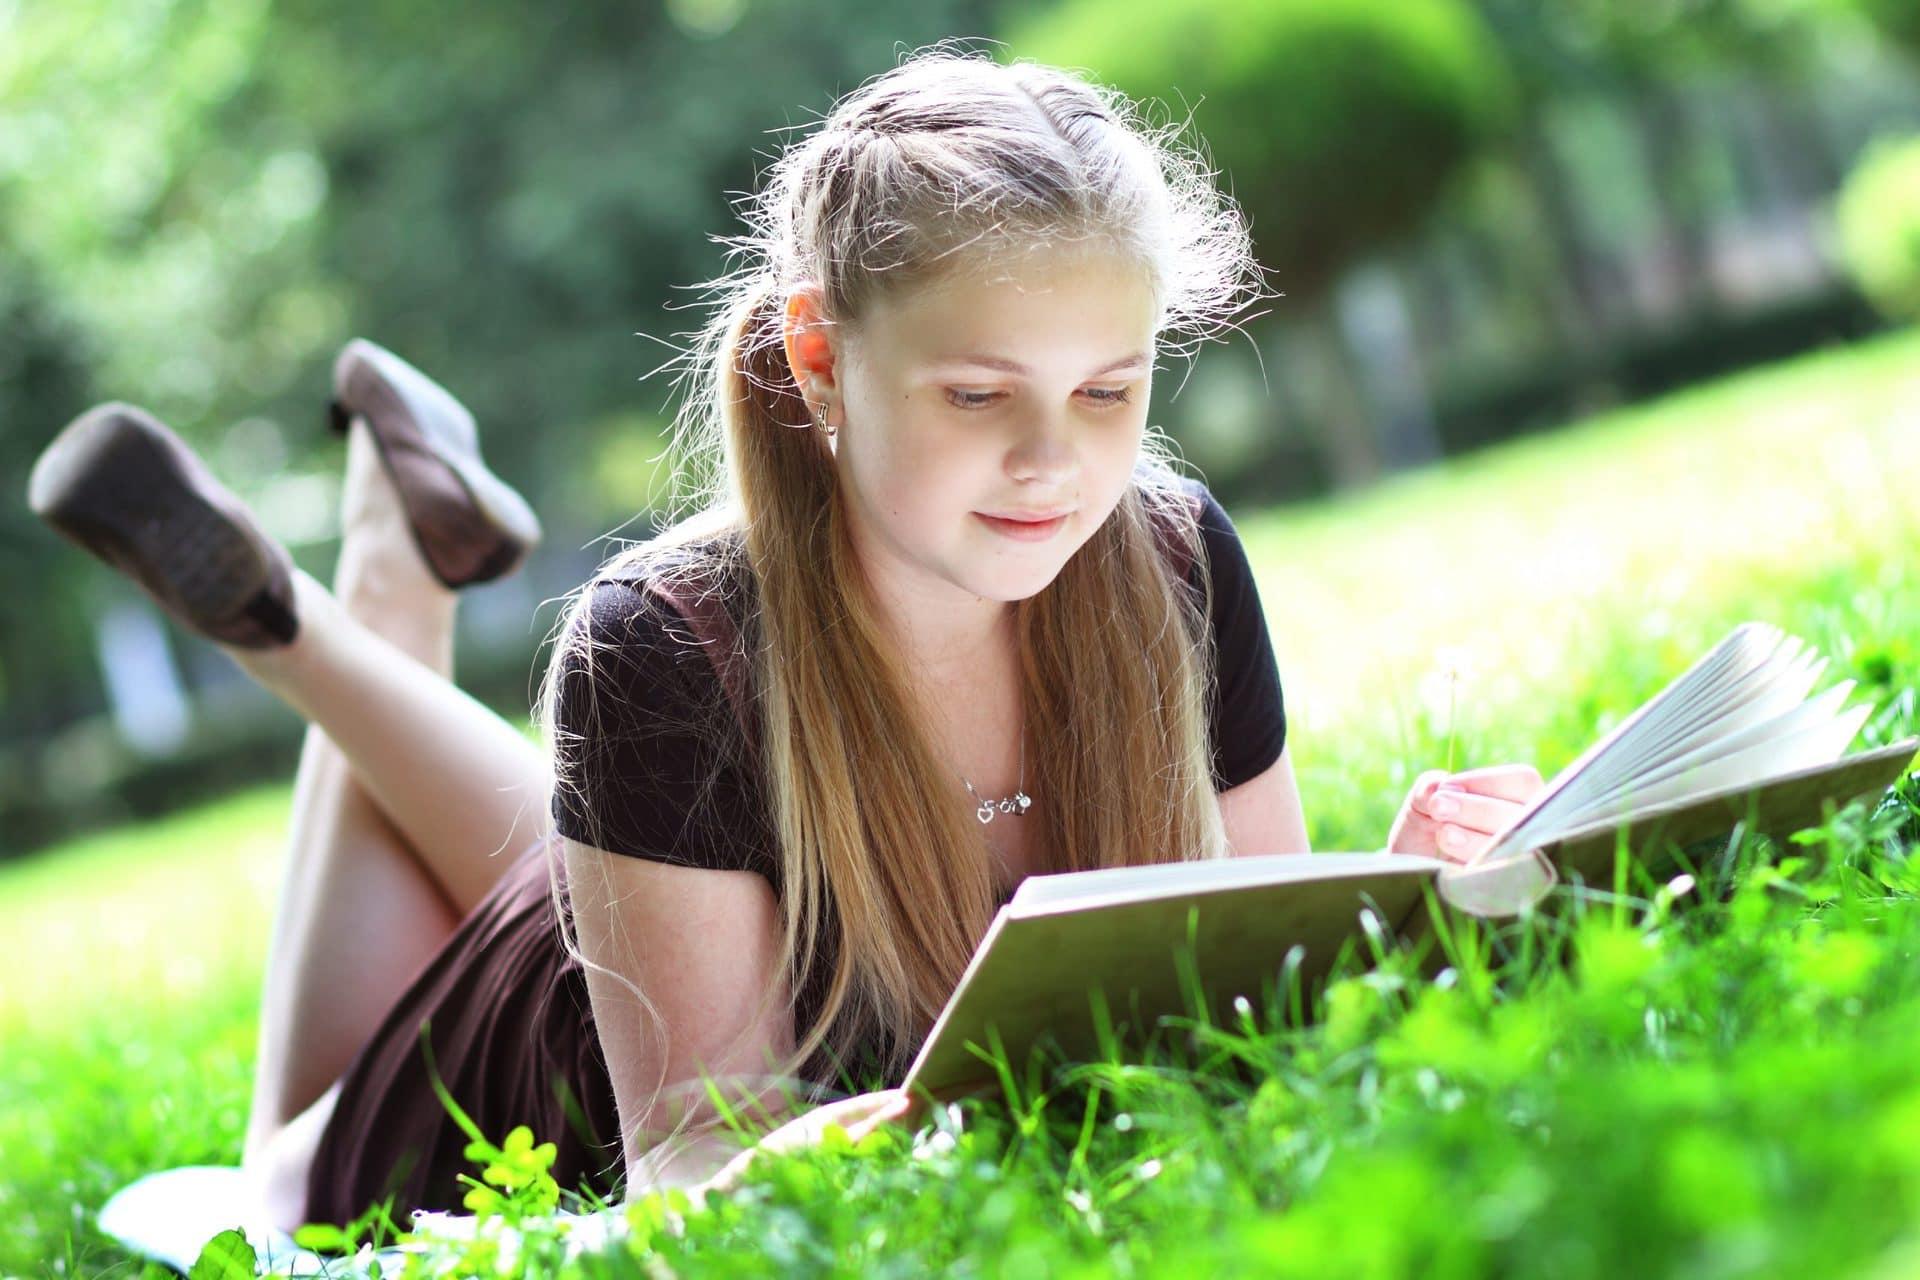 девочка на природе пишет в блокноте